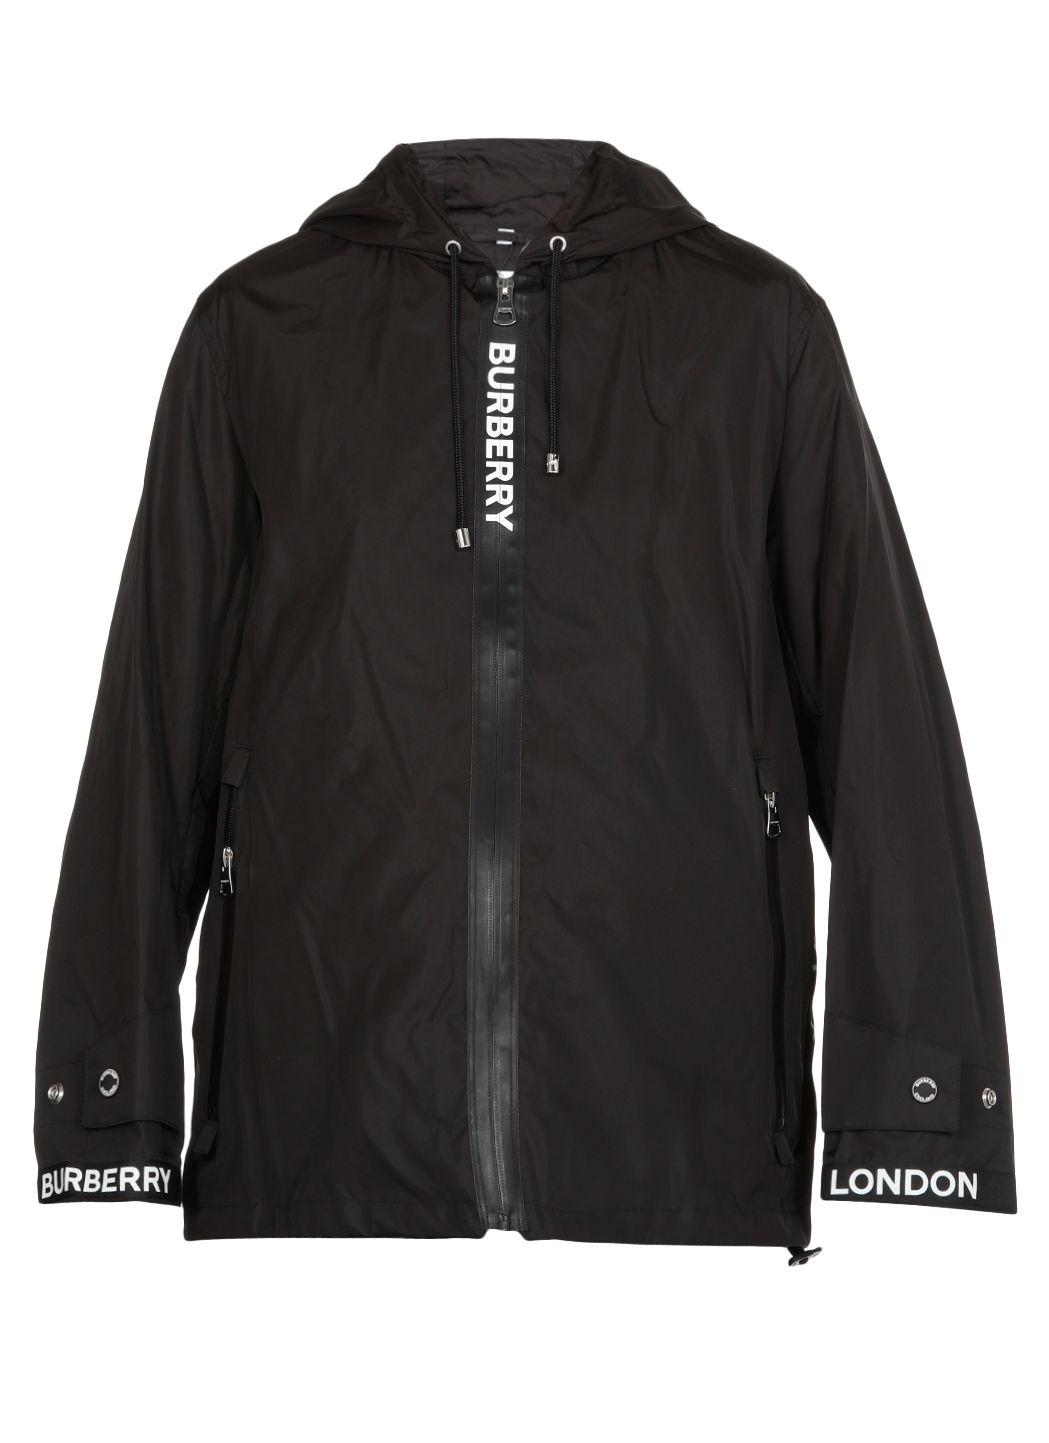 Wind braker jacket